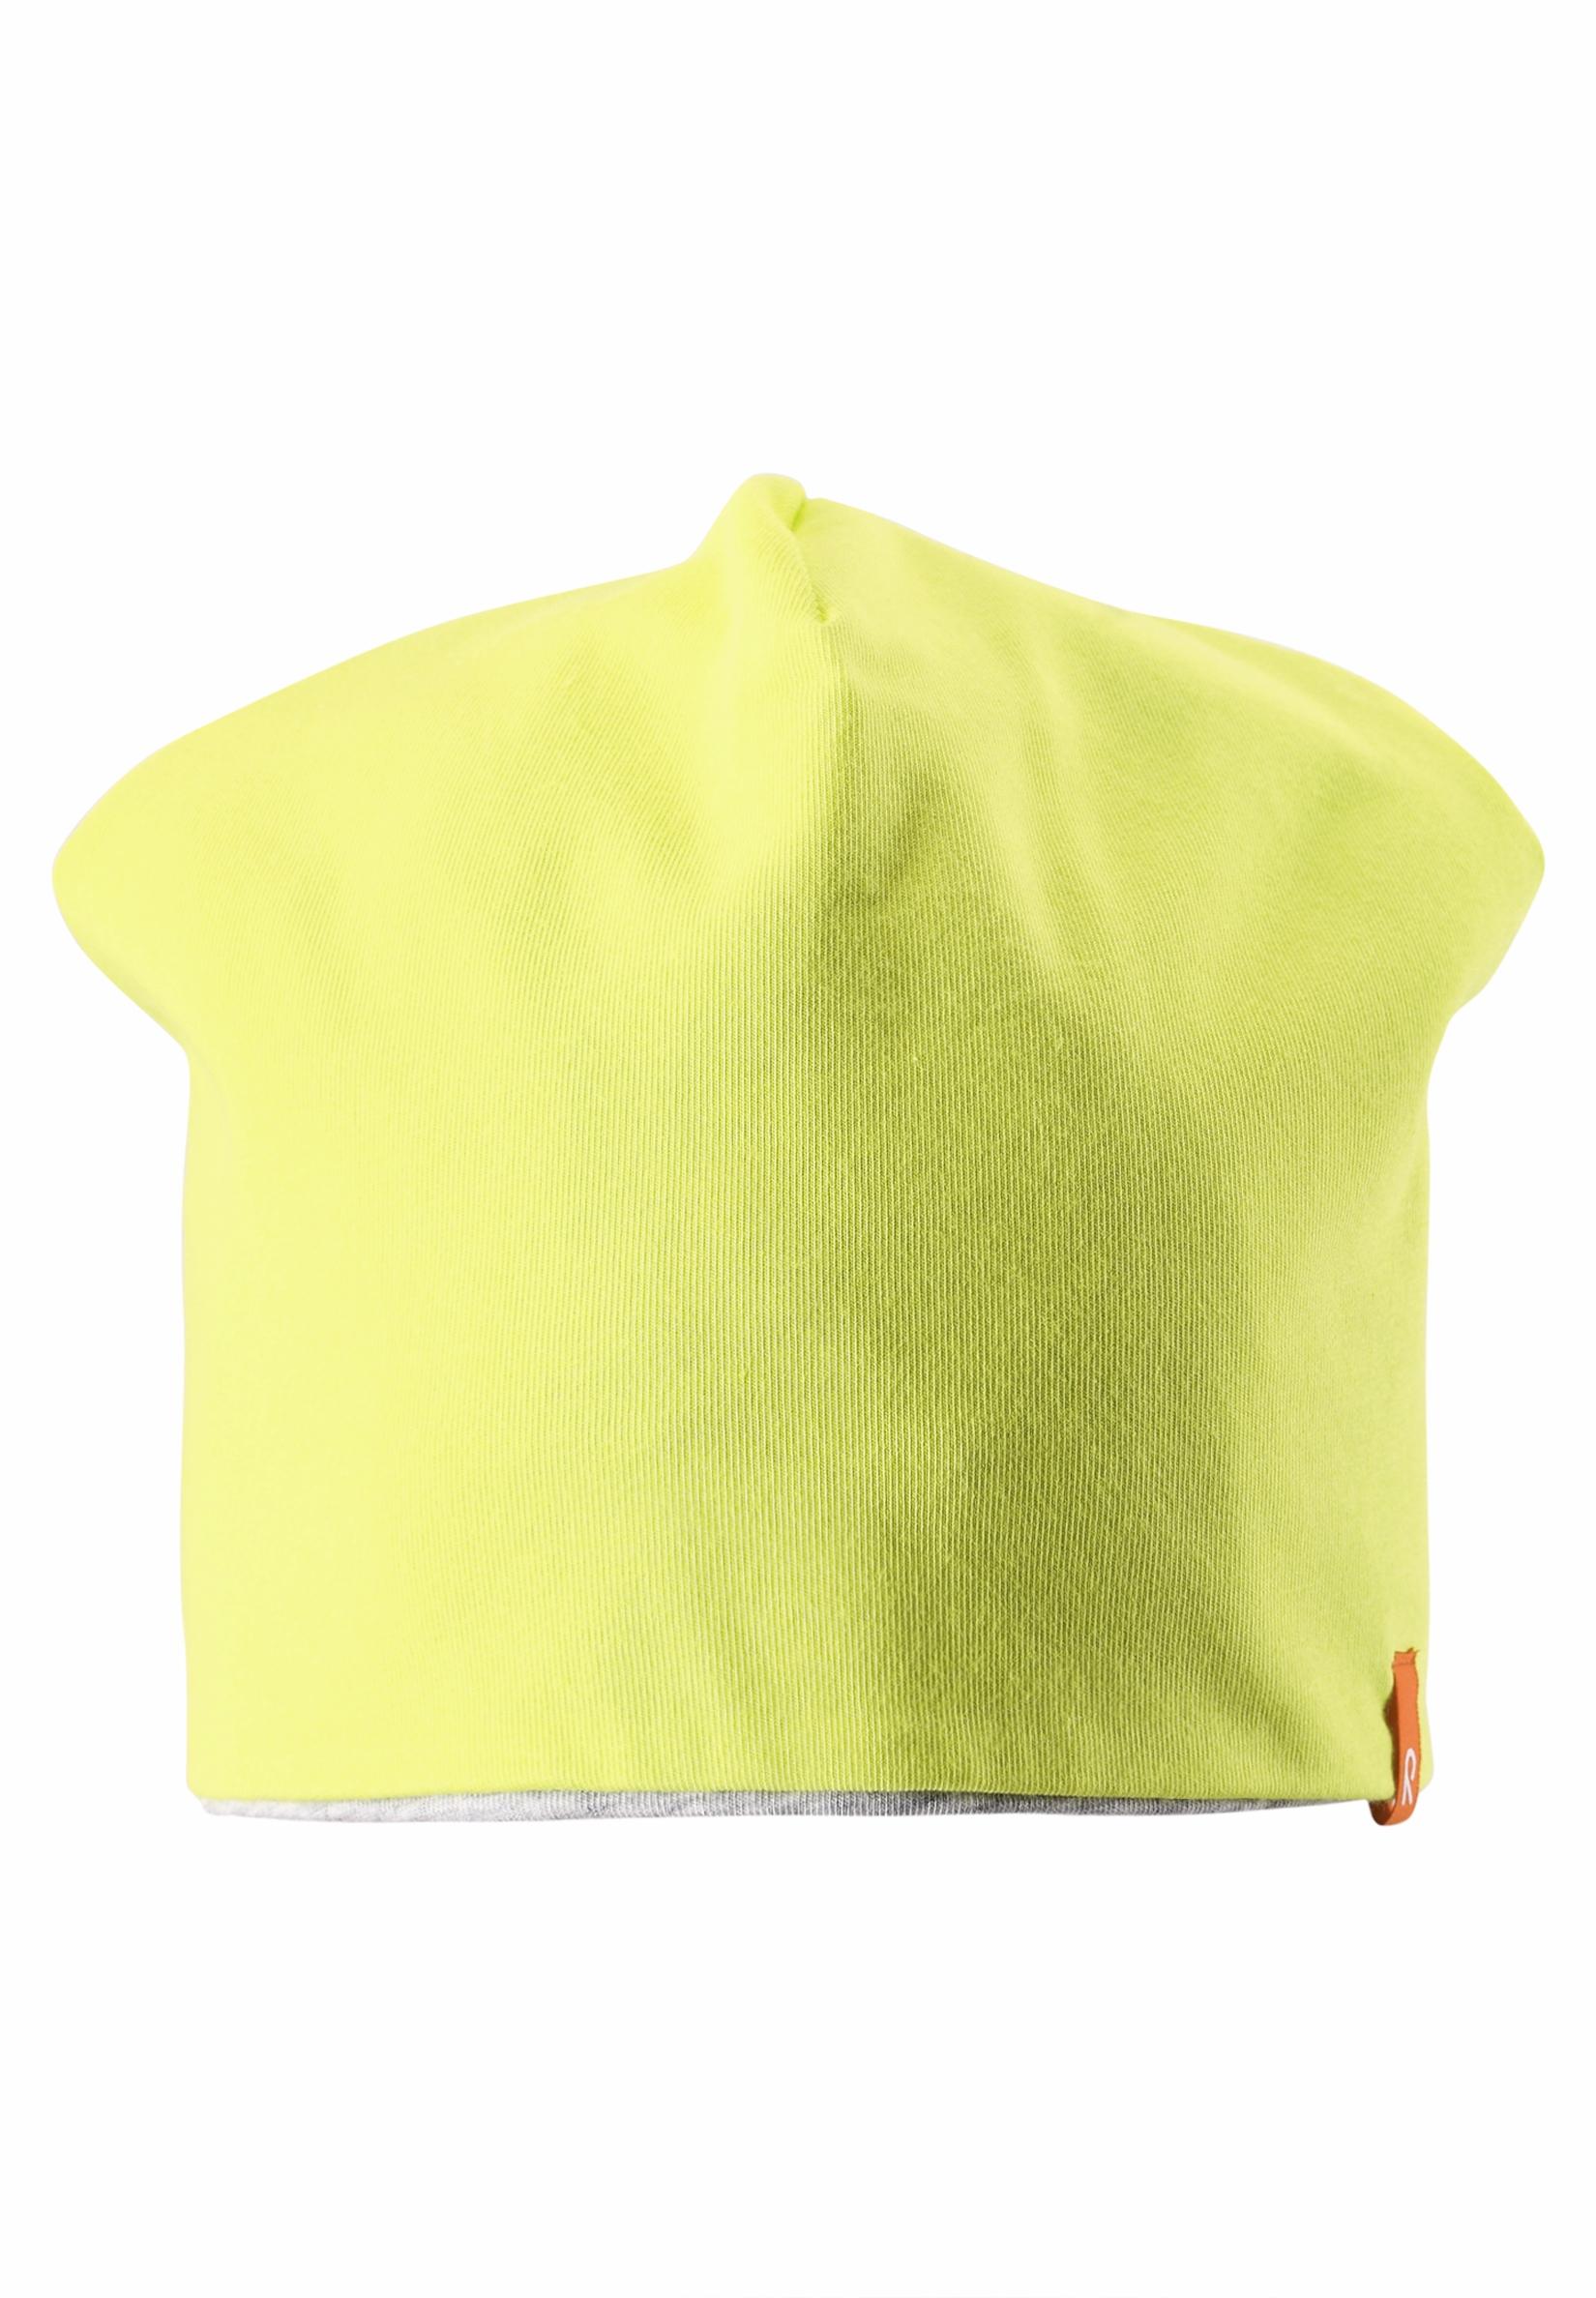 Головные уборы Reima Шапка Beanie, Frappe hello yellow, желтая шапка obey ruger beanie brown